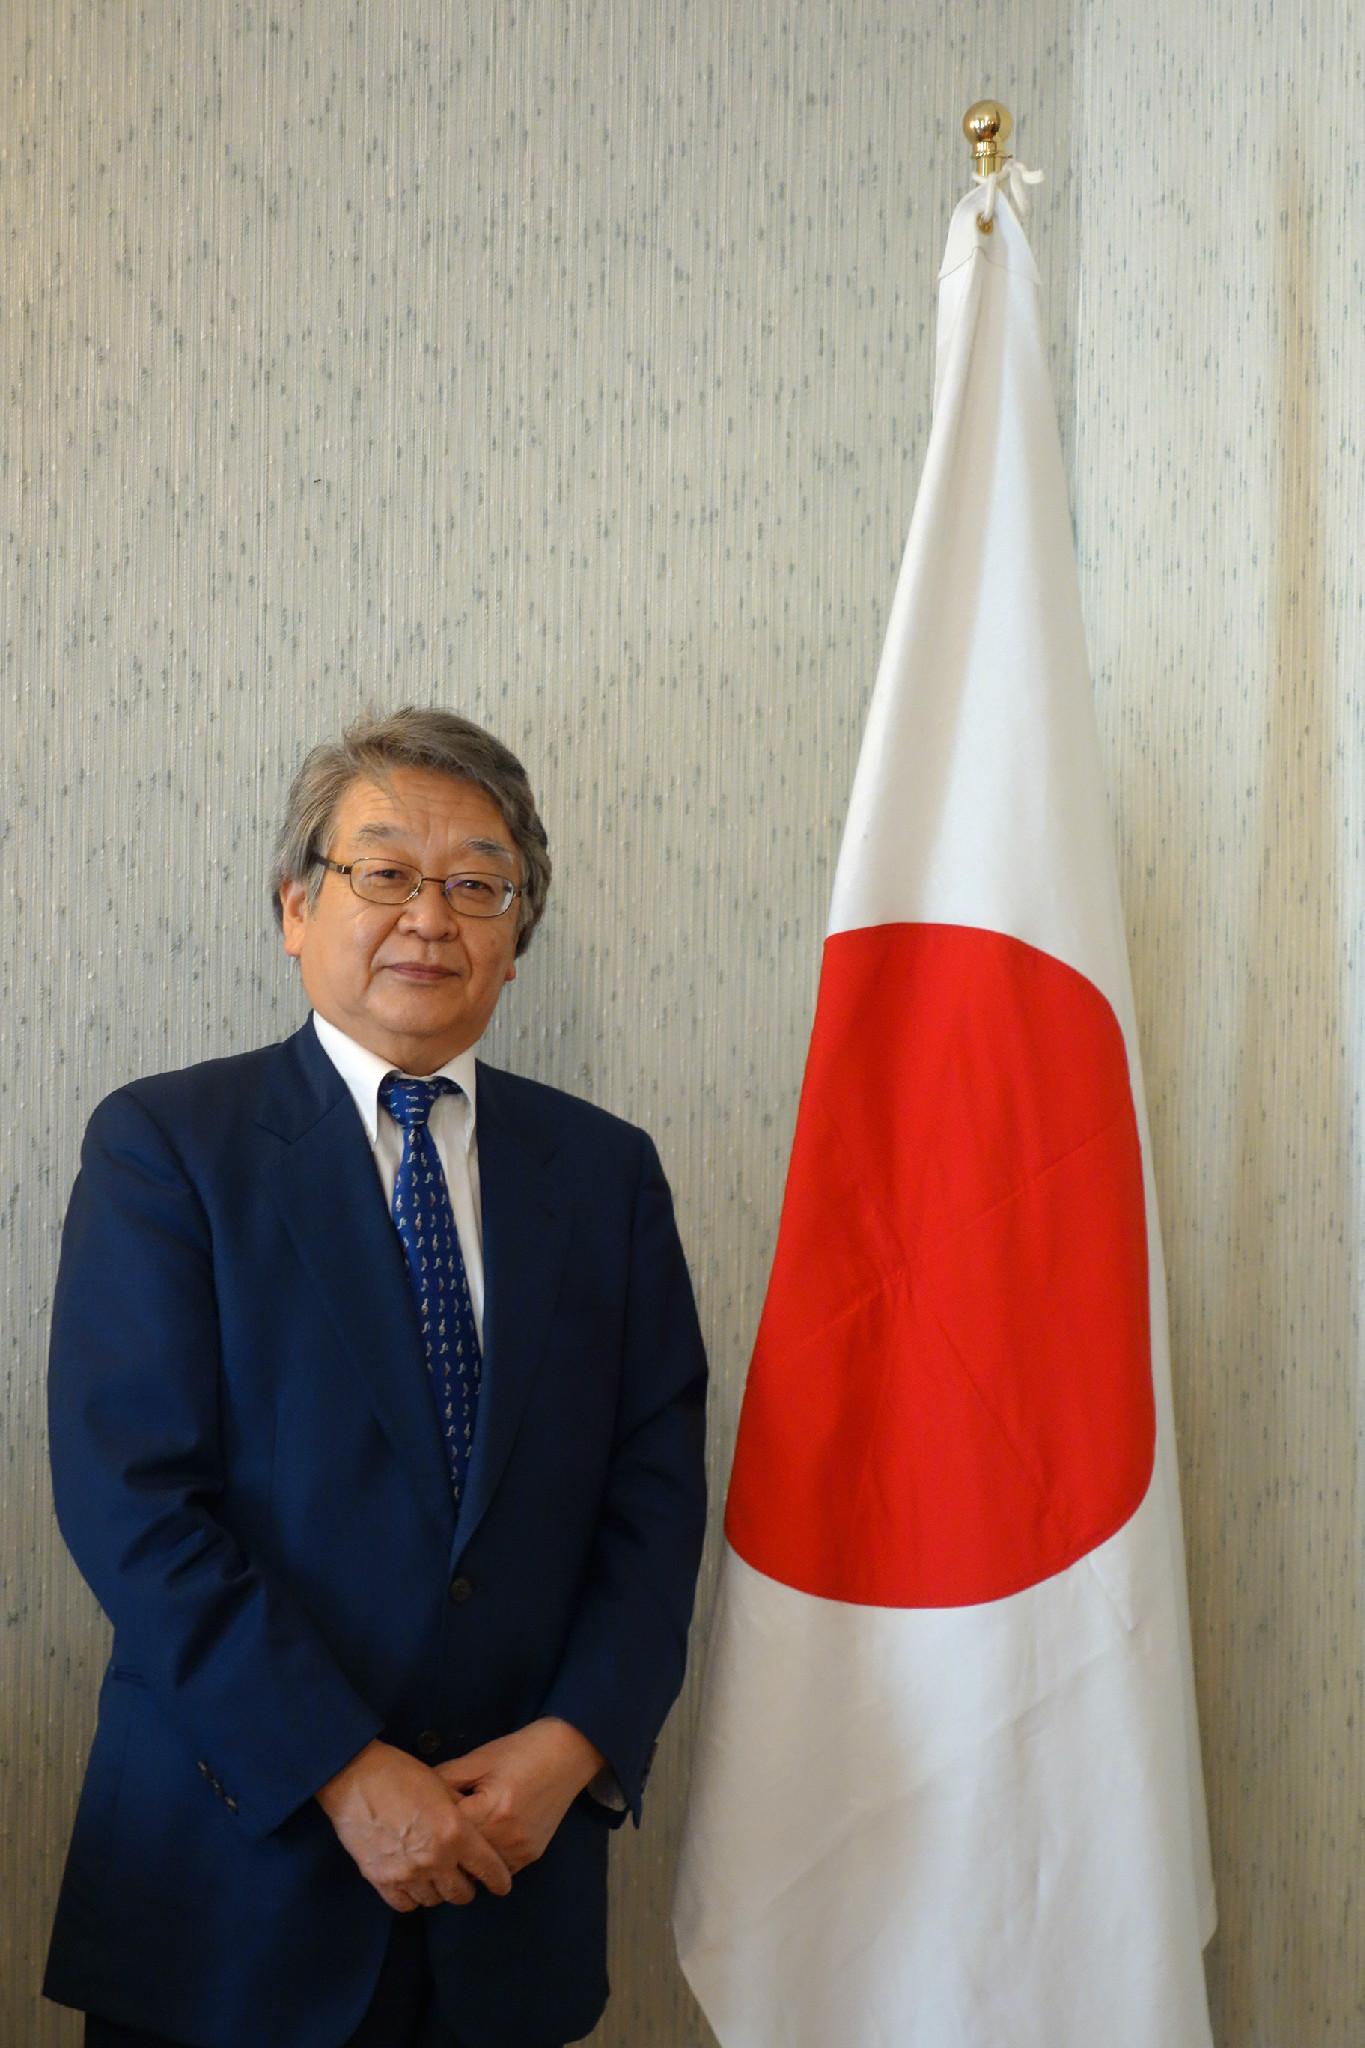 b0f37b6f2a Ambasciata del Giappone in Italia